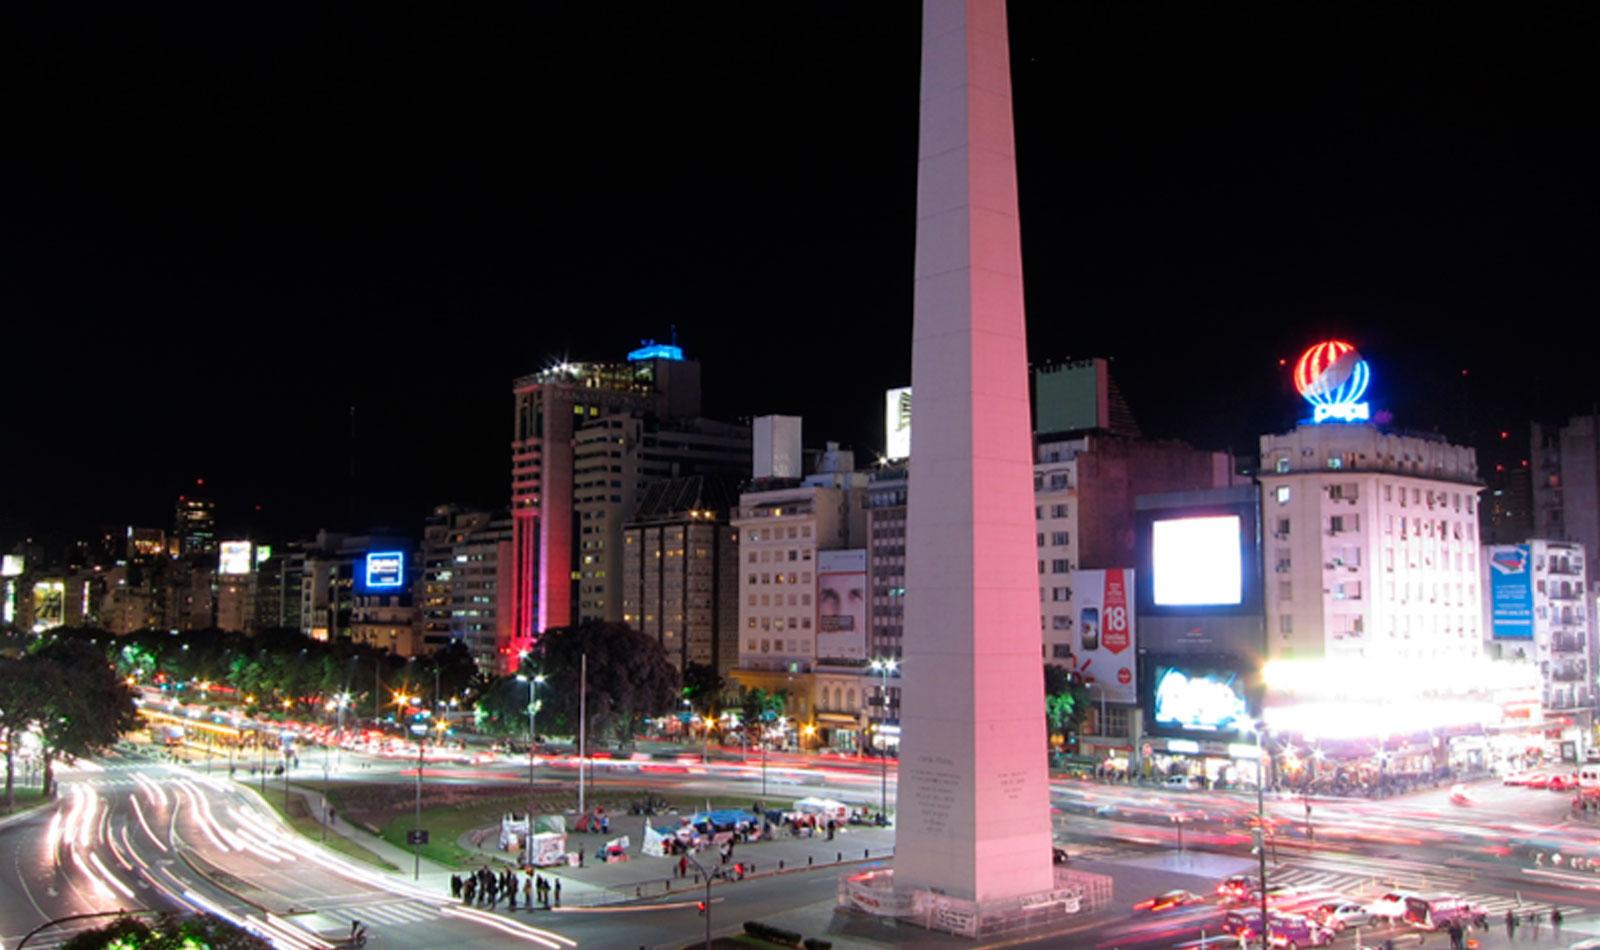 Обнаружение транспортных средств в Аргентине